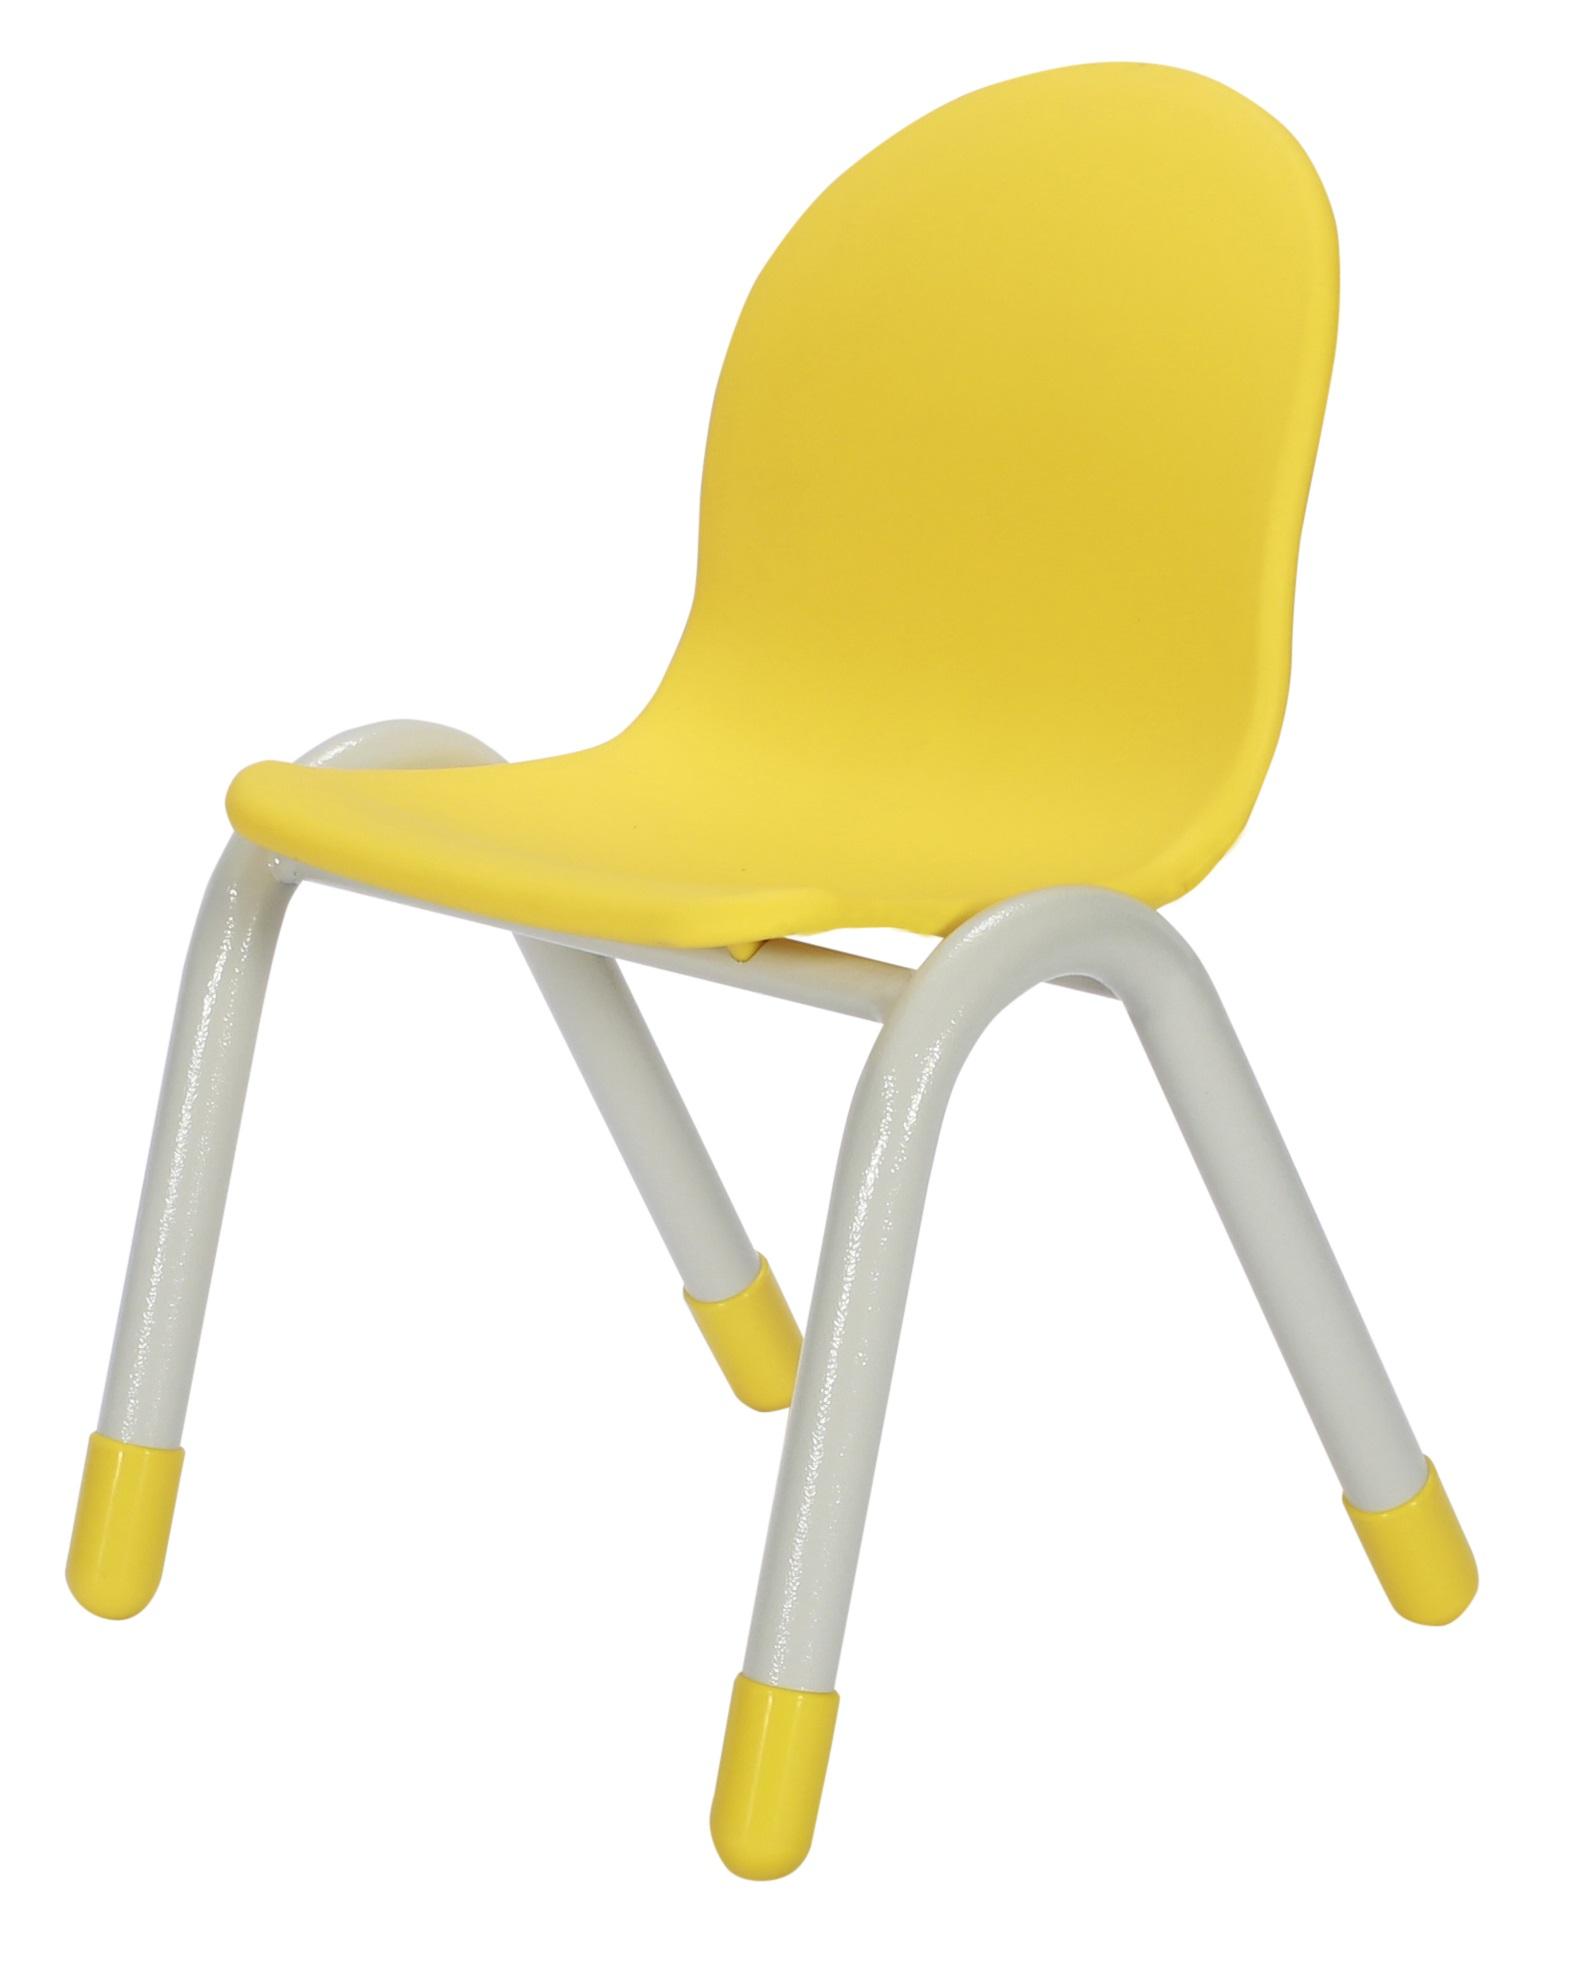 Plastic Kindergarten Chair